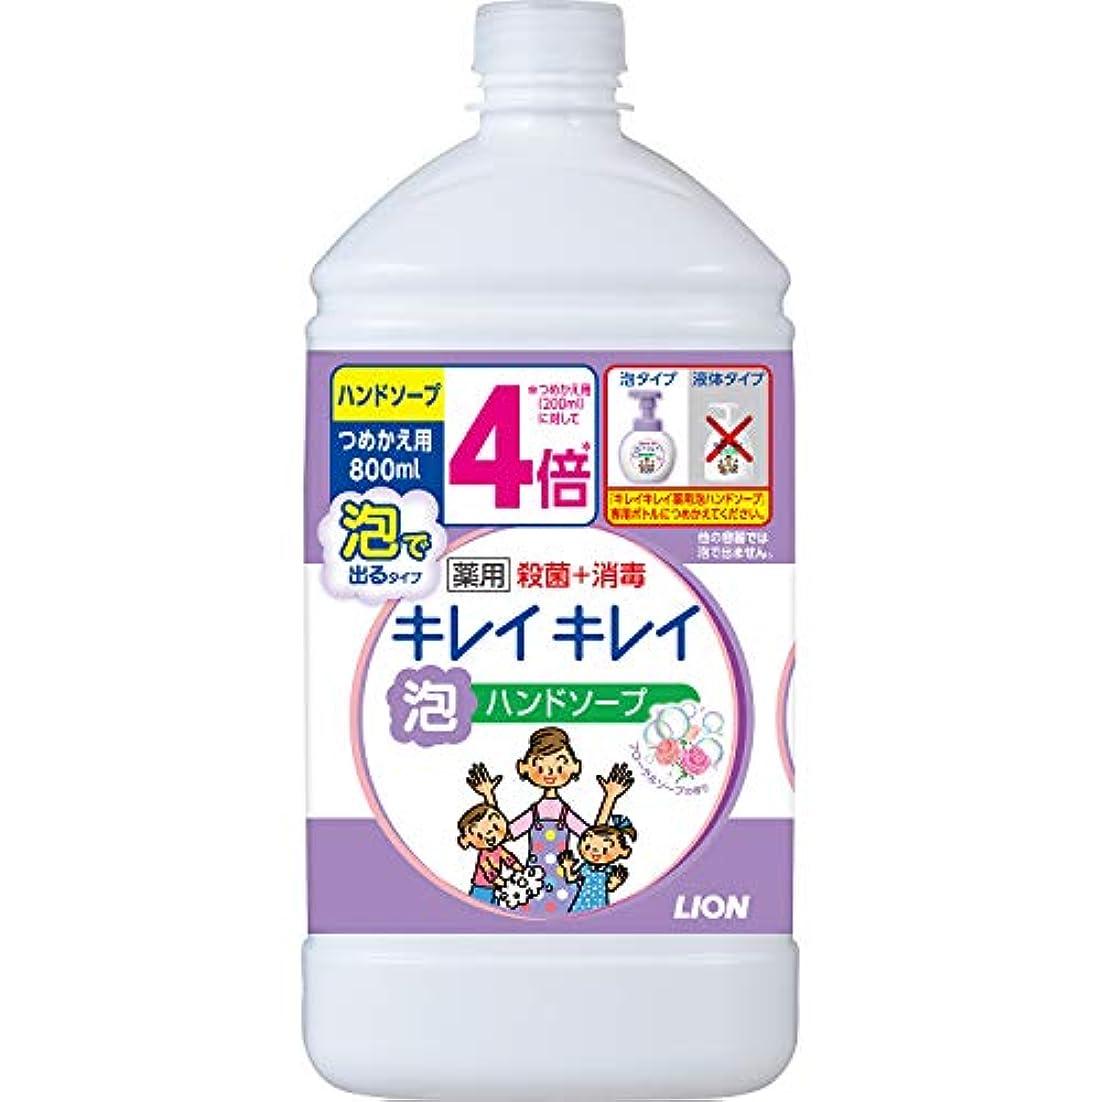 摂動奨励しますハードウェア(医薬部外品)【大容量】キレイキレイ 薬用 泡ハンドソープ フローラルソープの香り 詰替特大 800ml